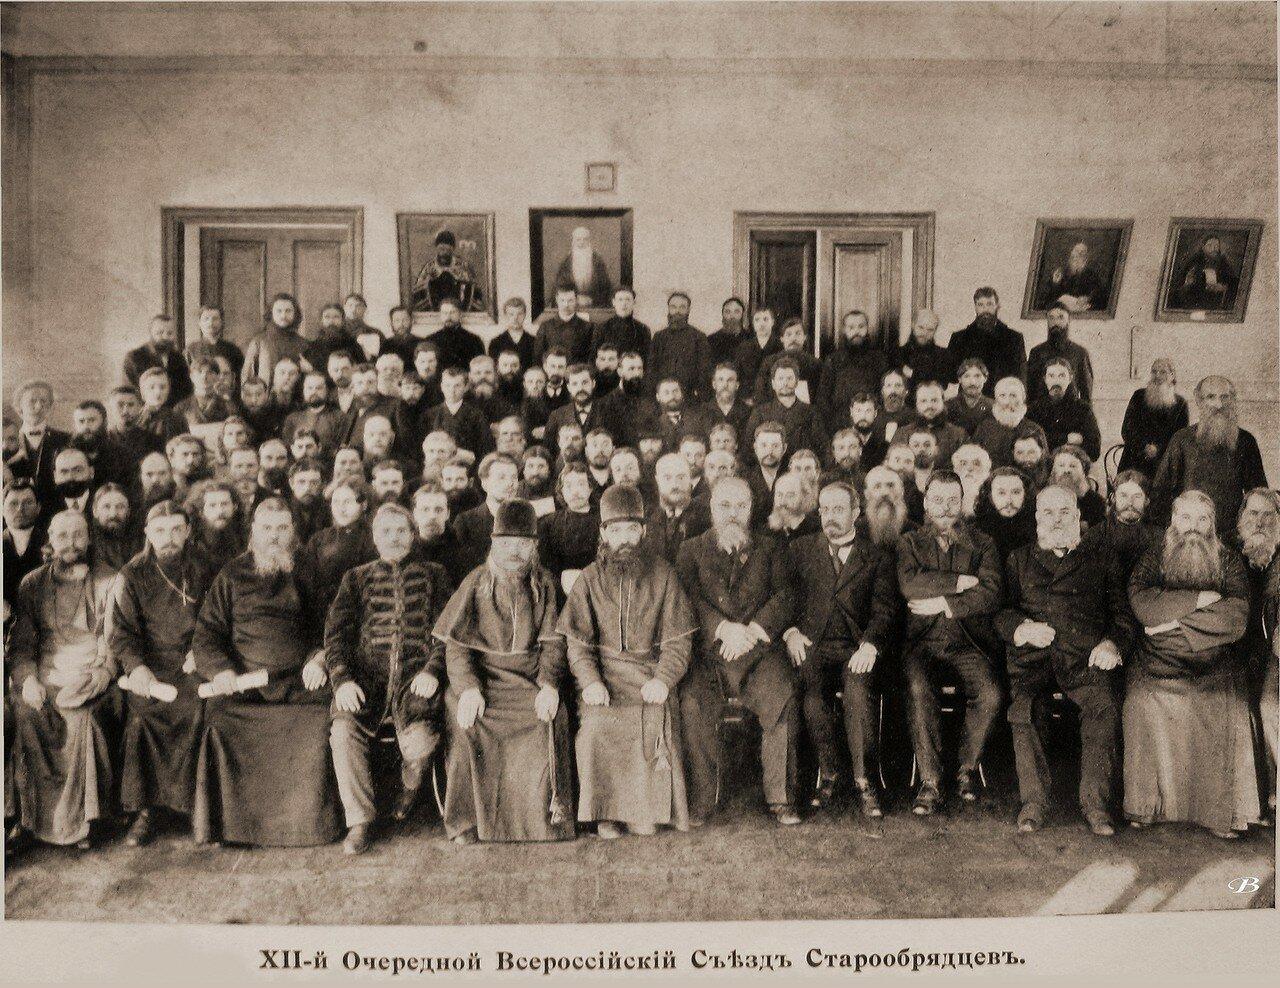 XII очередной всероссийский съезд старообрядцев